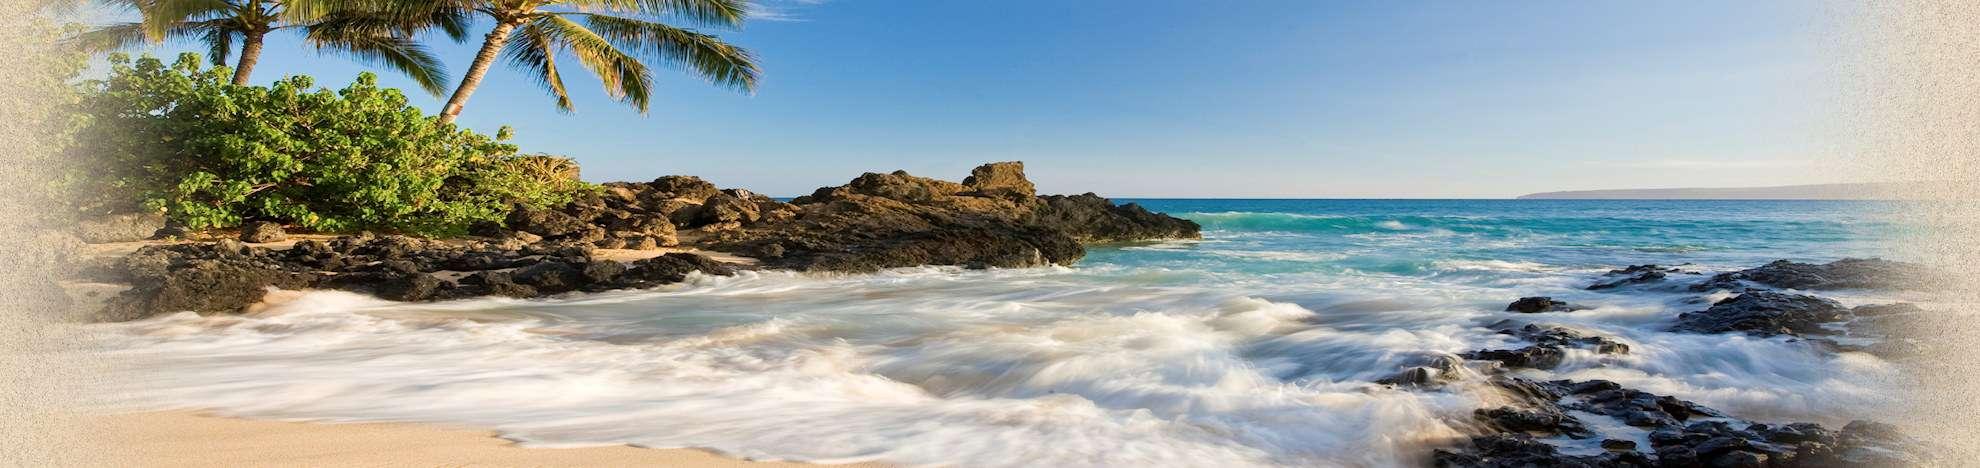 photo of a beautiful beach on Maui, Hawaii